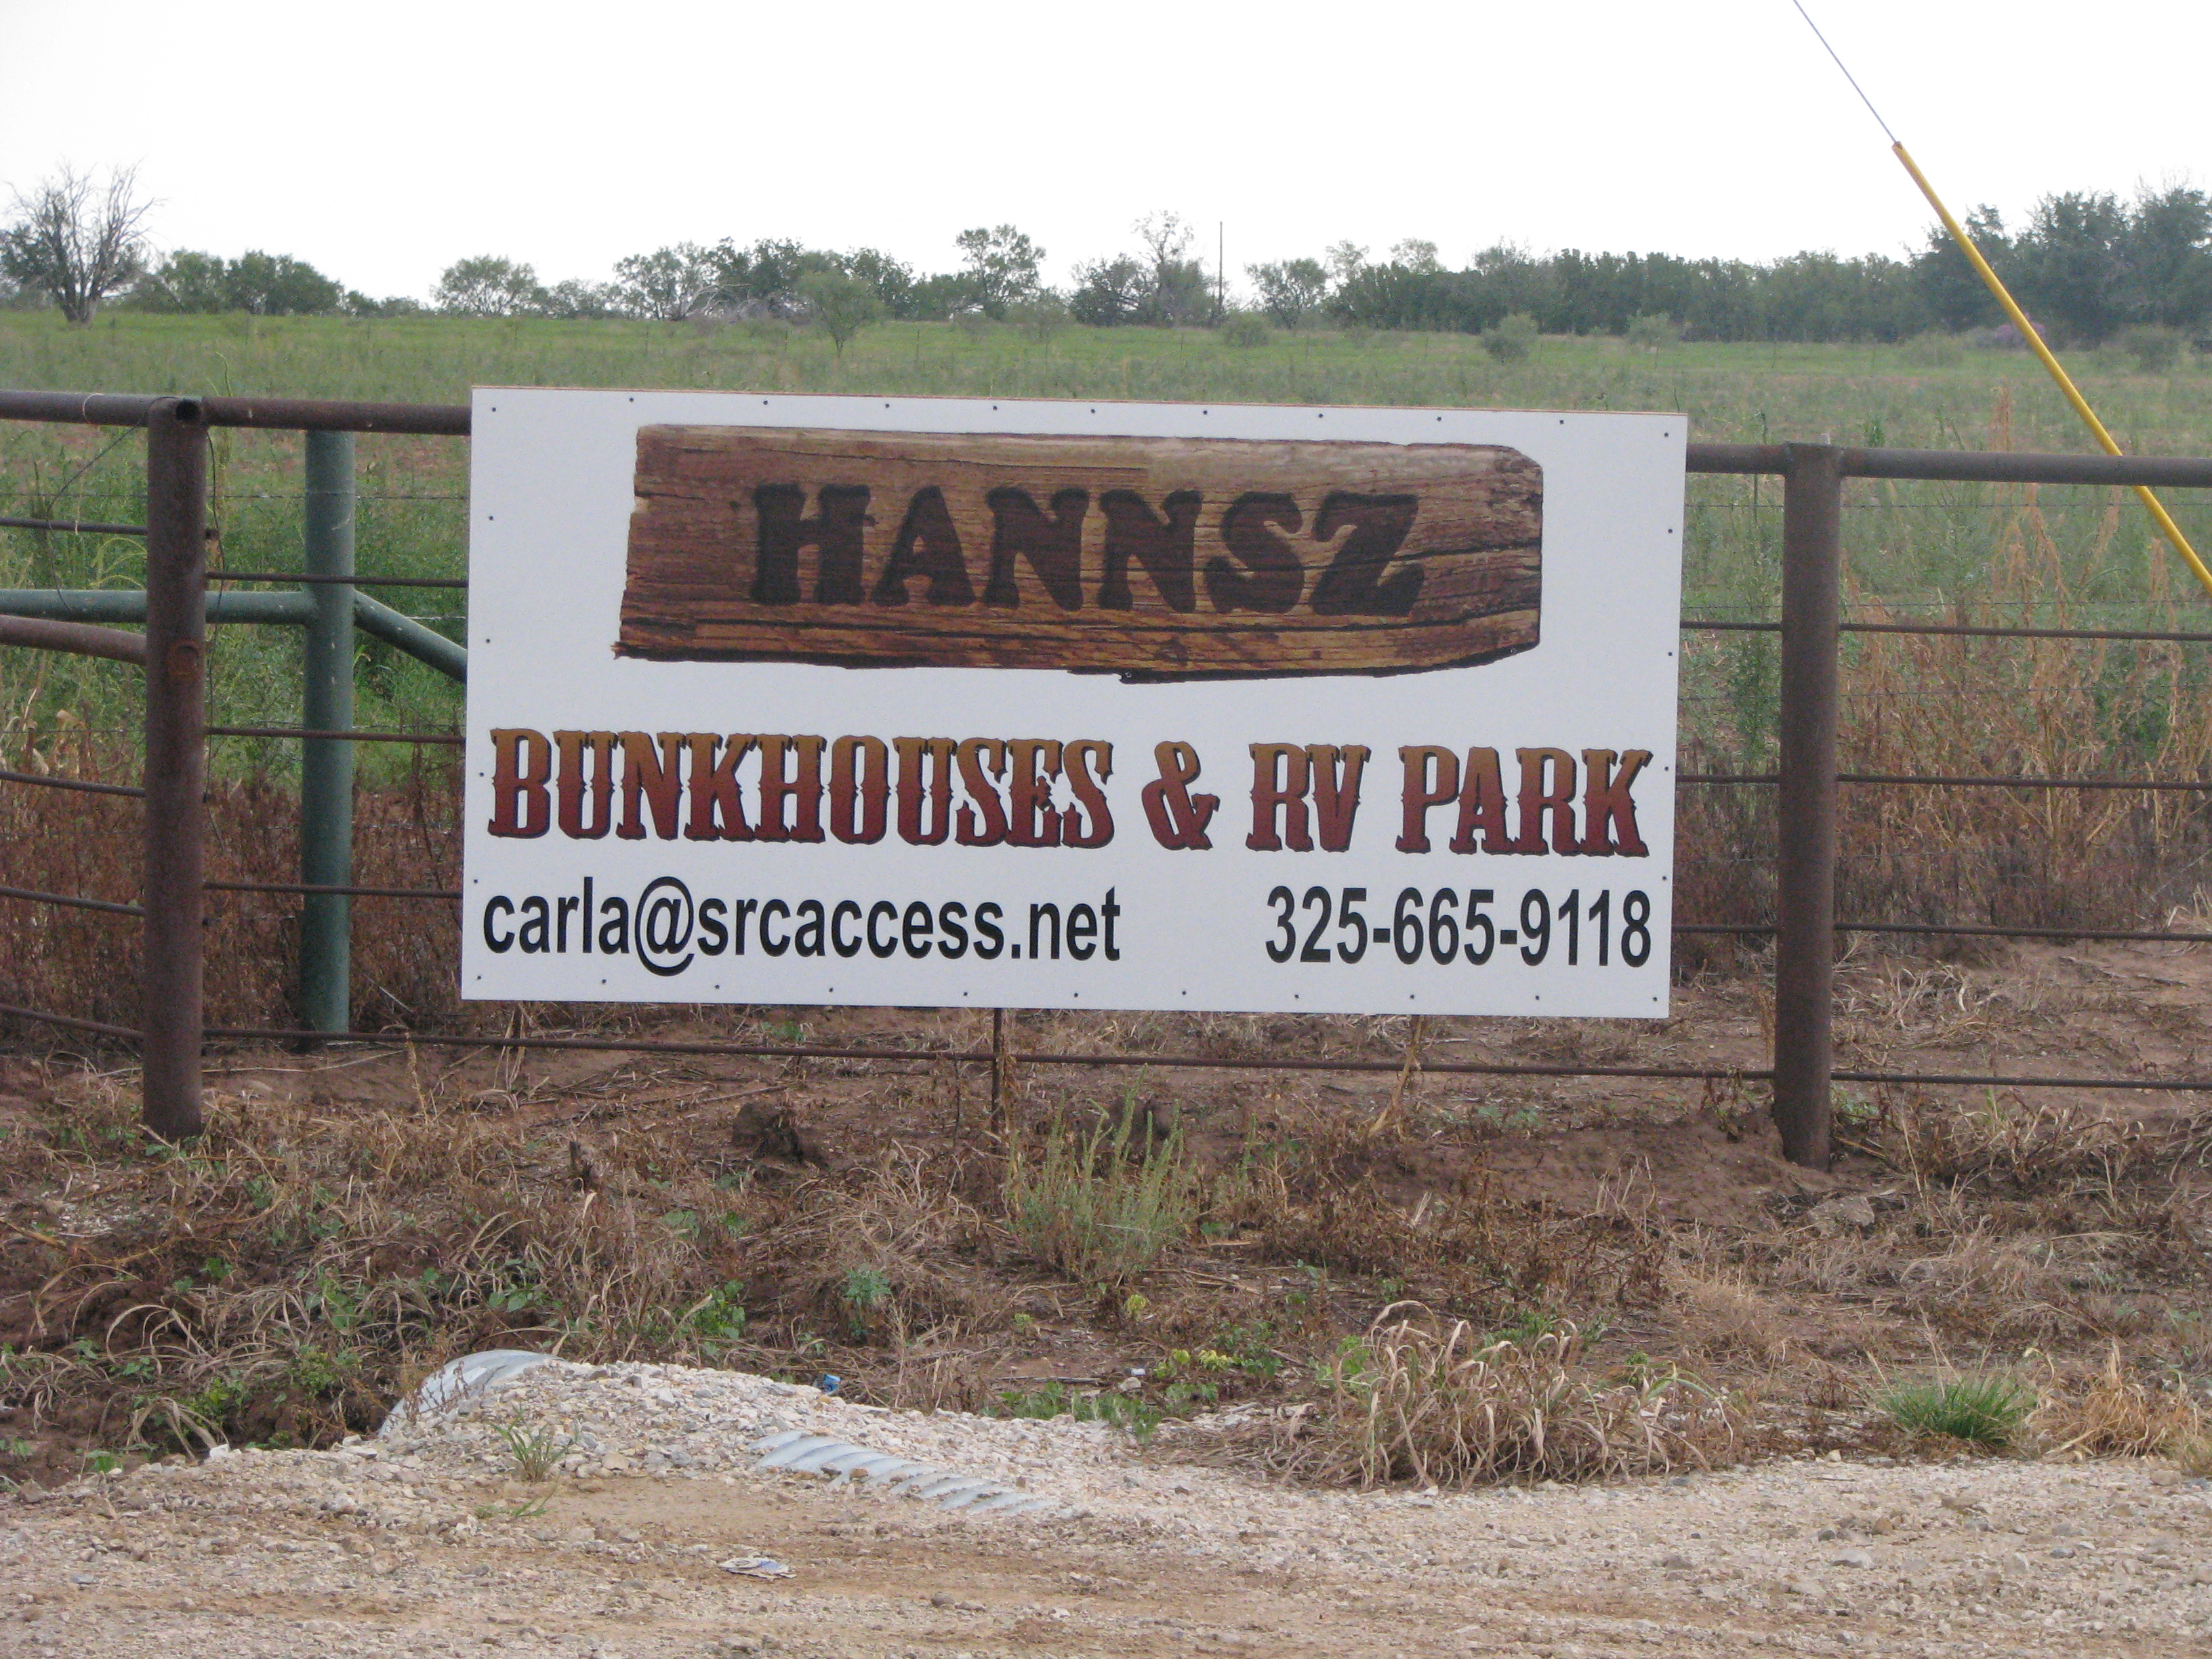 Hannsz gate sign